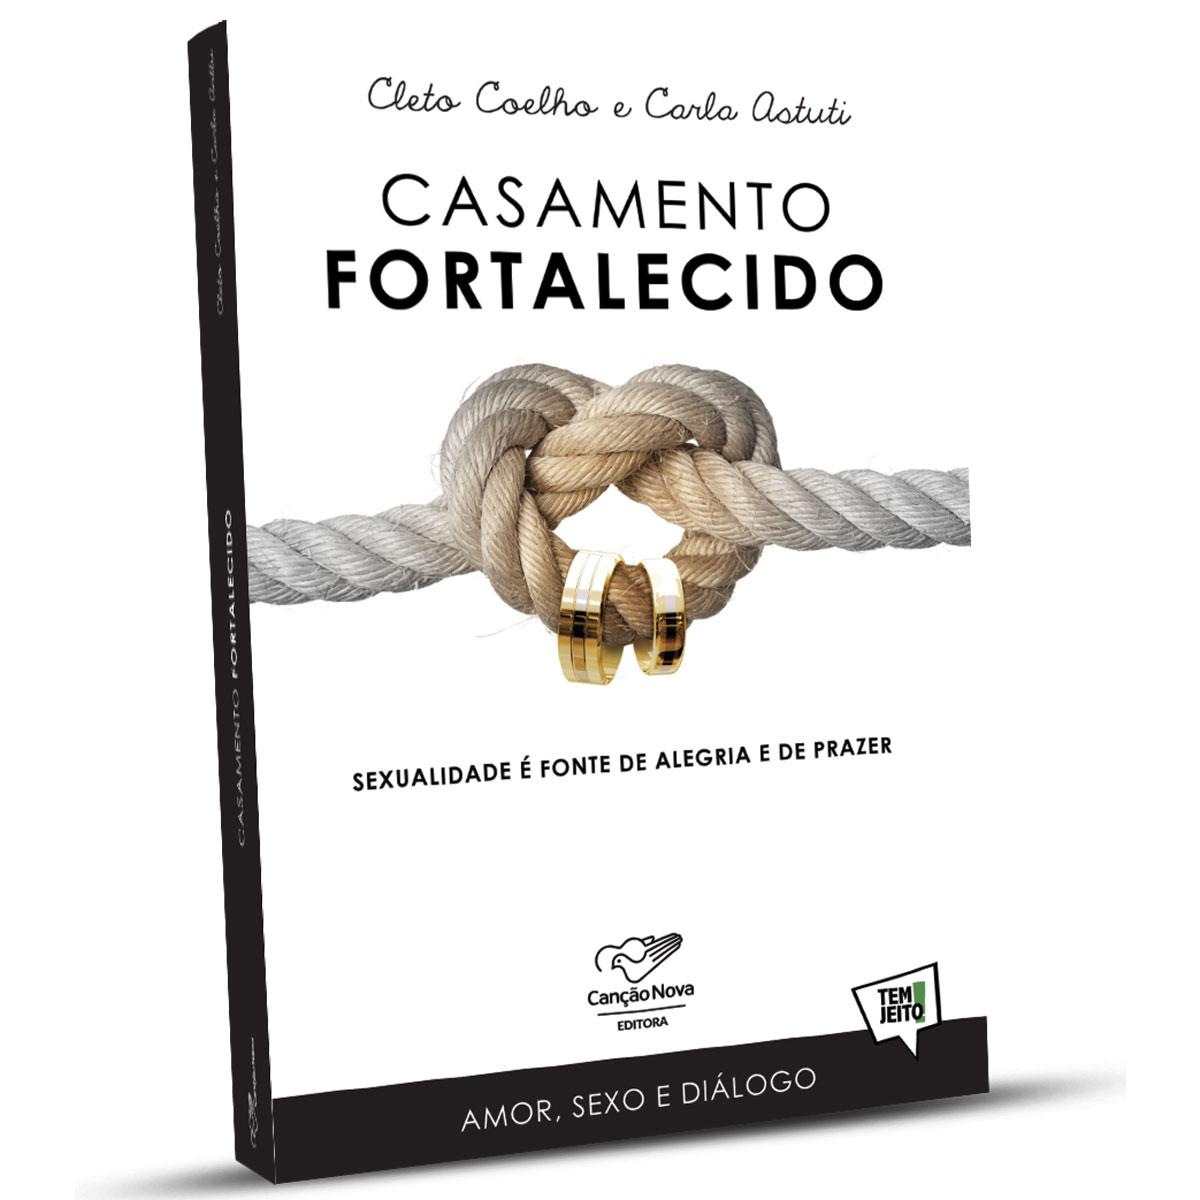 Livro Casamento Fortalecido - Cleto Coelho e Carla Astuti